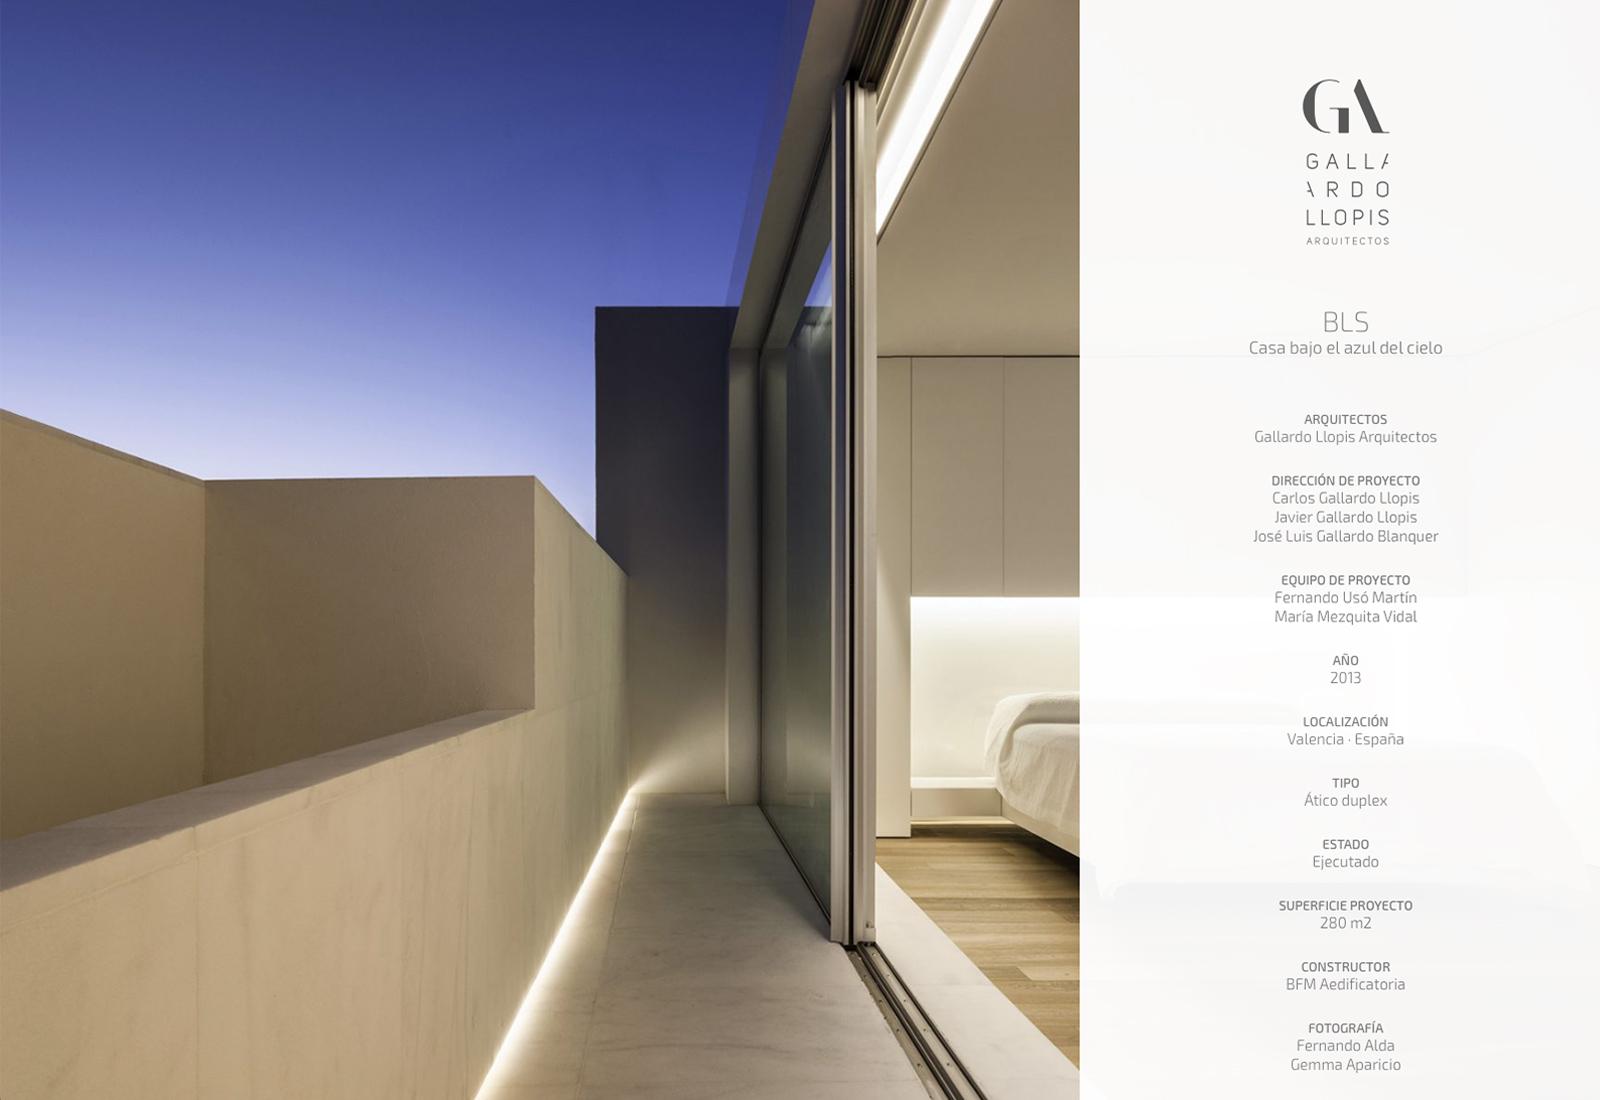 Gallardo Llopis Arquitectos - Diseño y desarrollo web par un estudio de arquitectura en Valencia